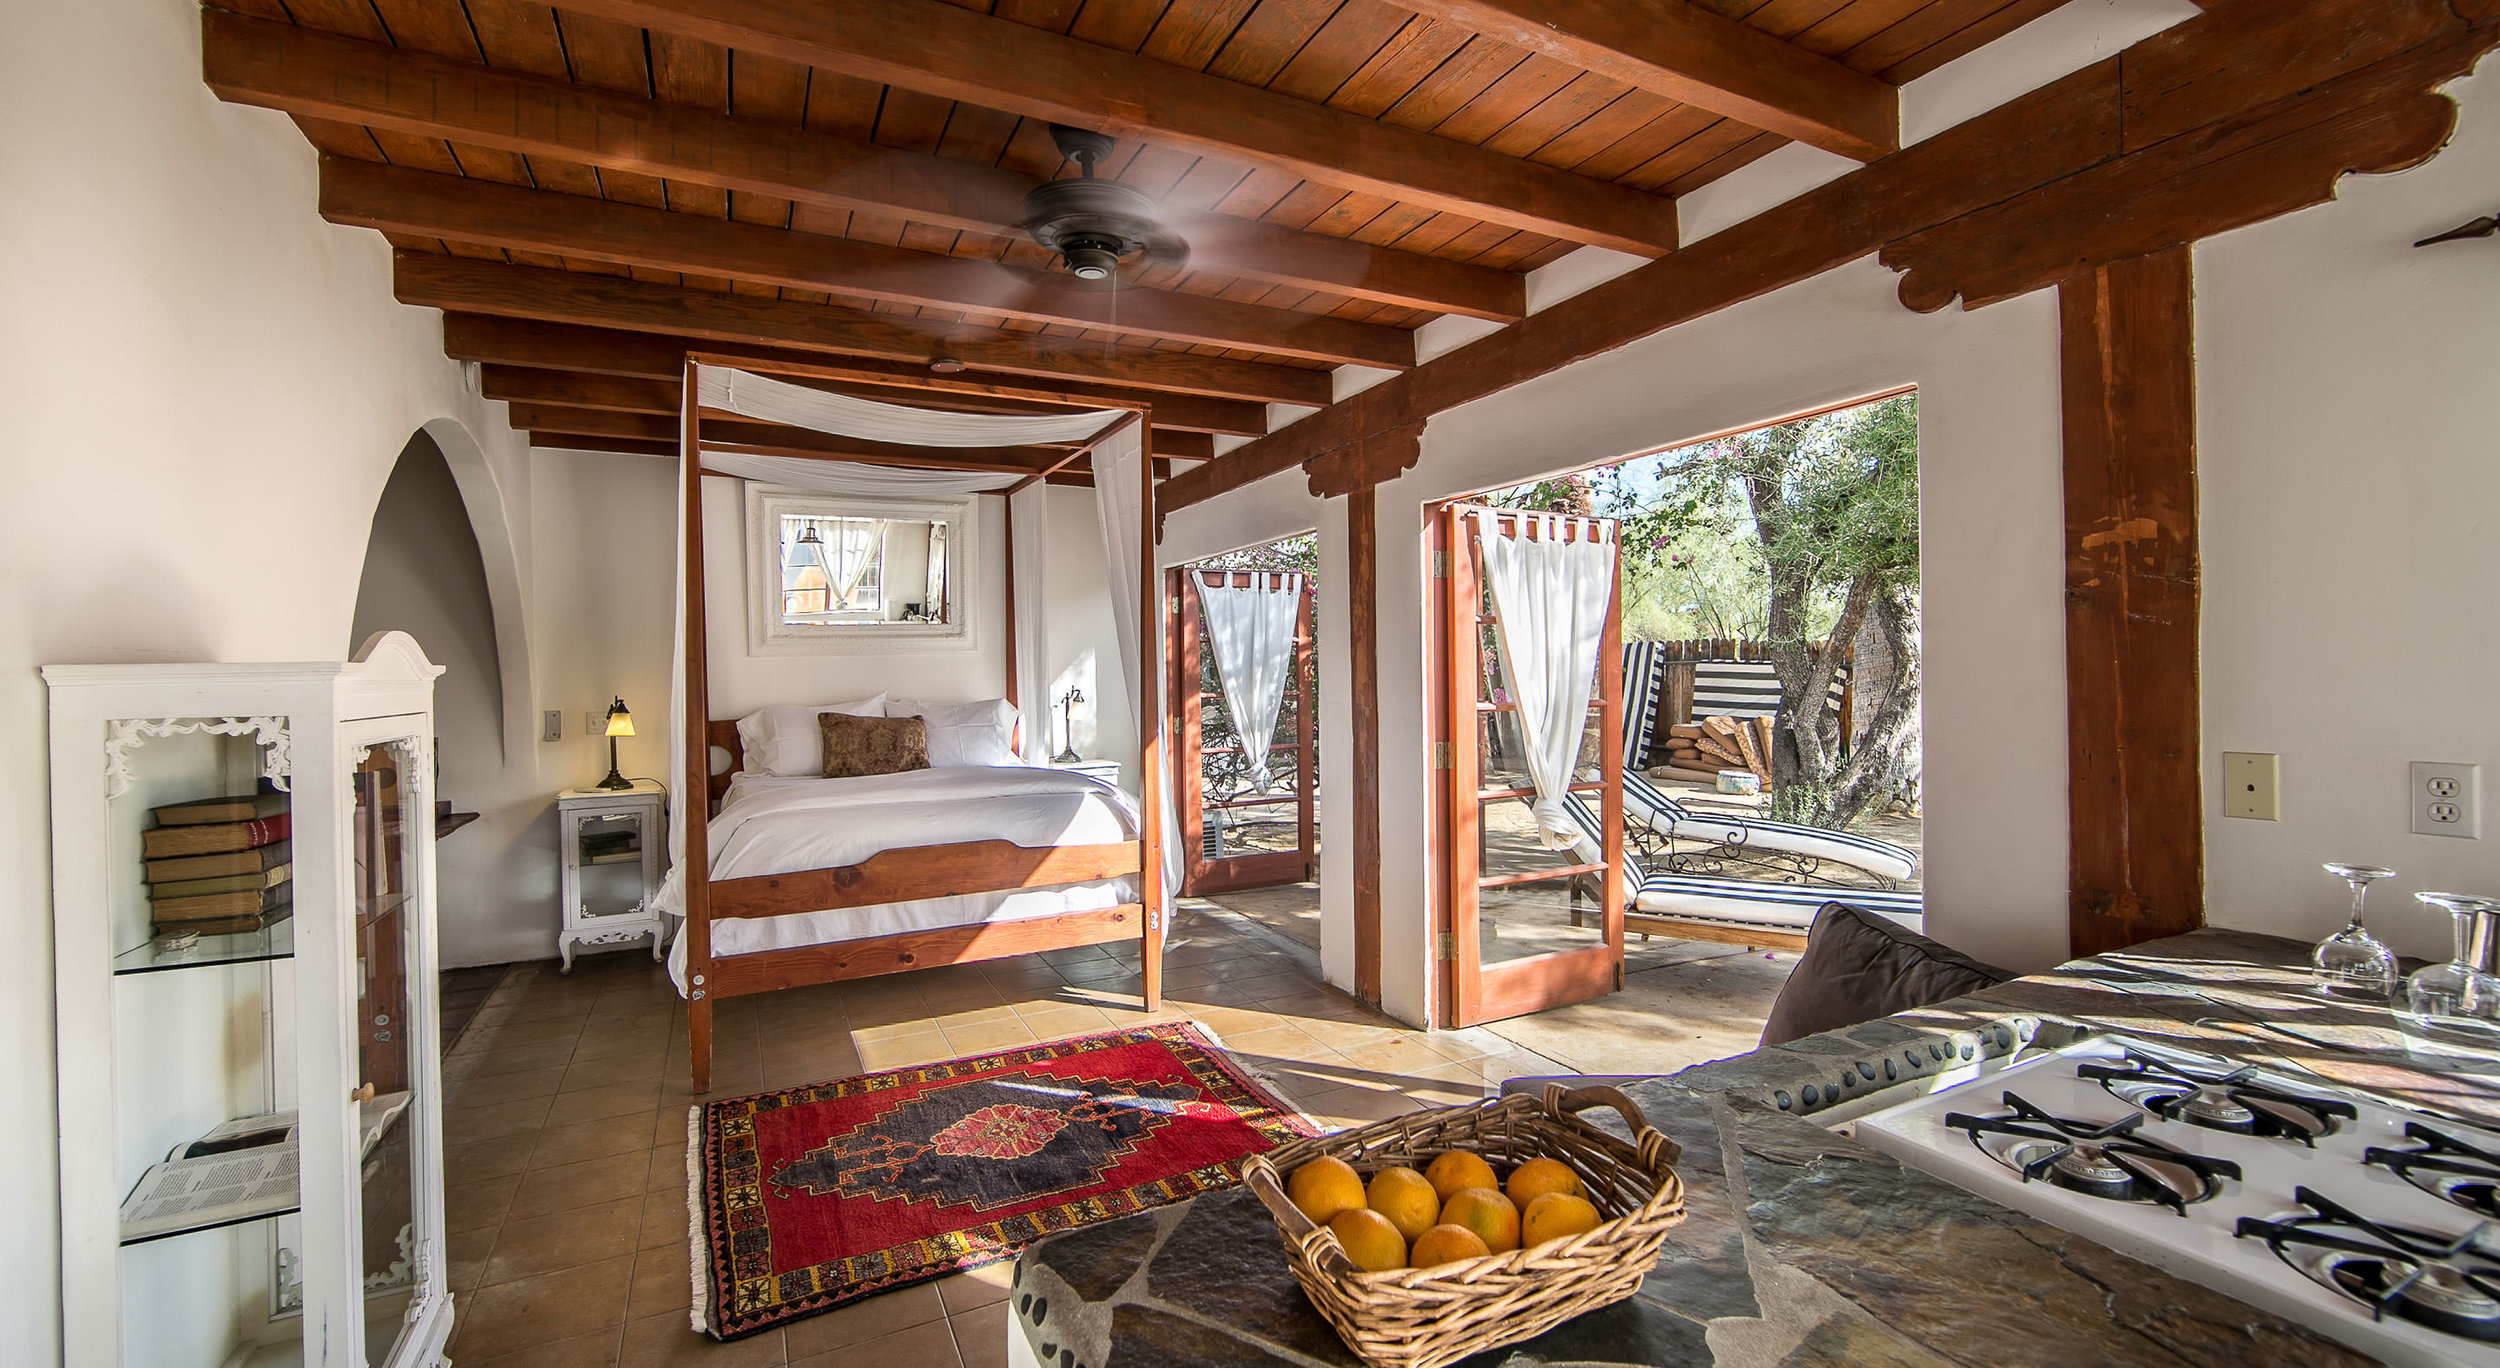 Korakia Pensione - Sexy Moroccan & Mediterranean Villas